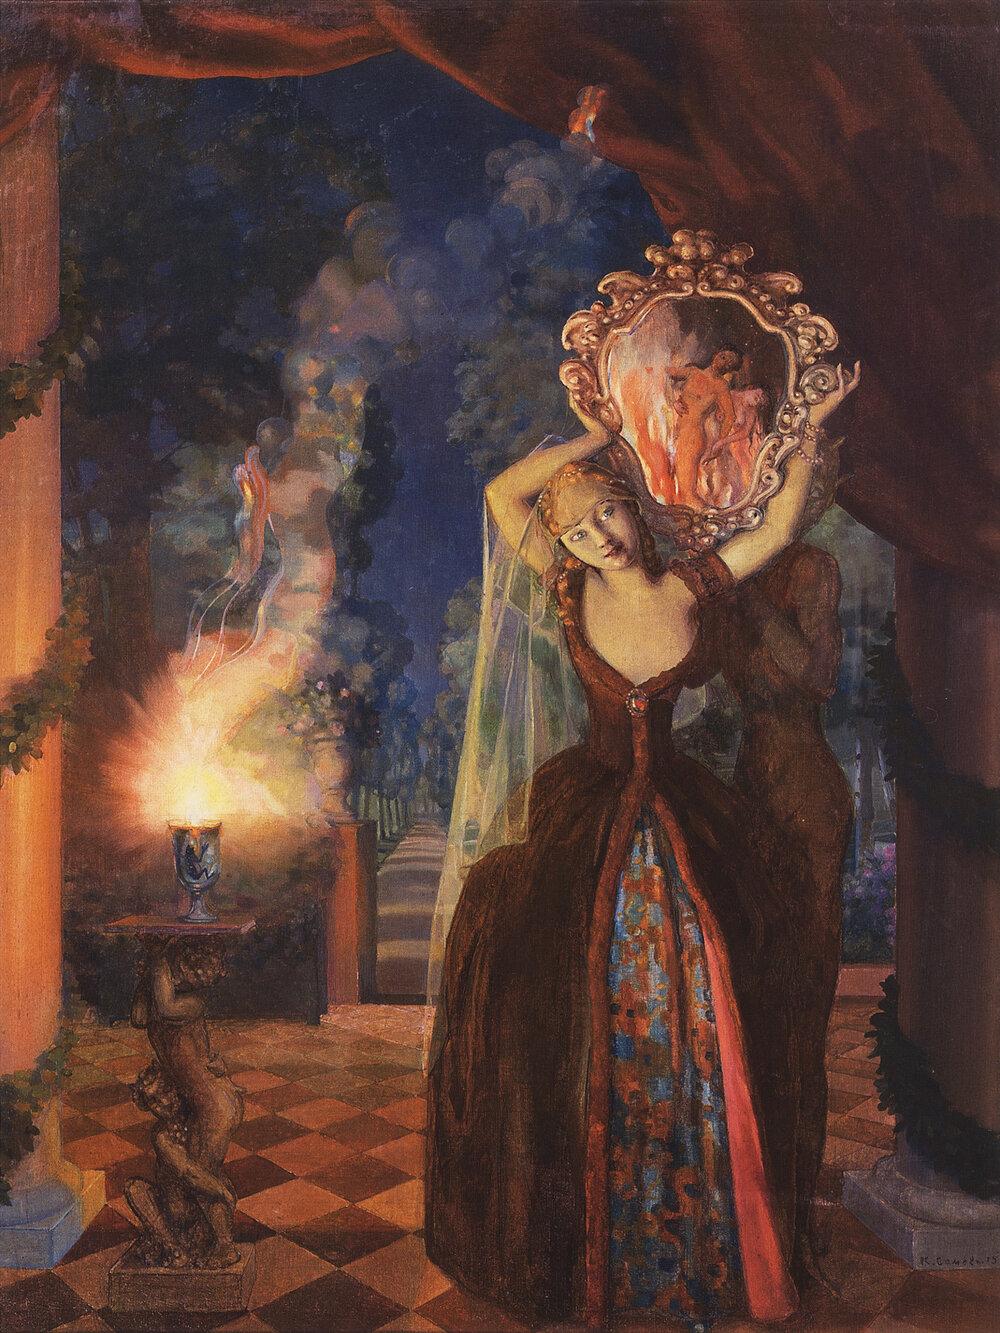 Костянтин Сомов, «Чарівниця», 1915